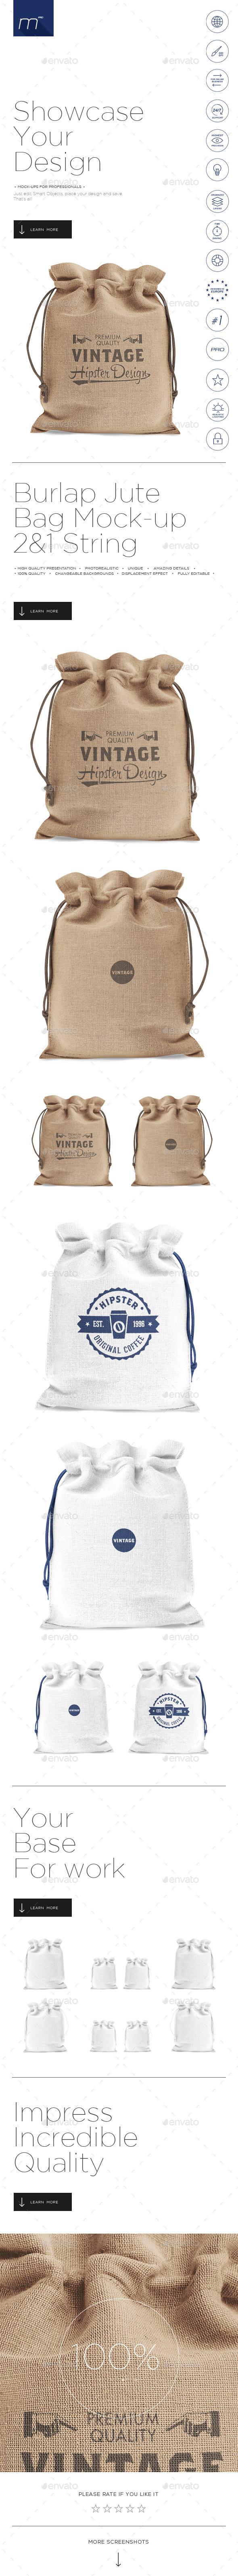 Download Burlap Jute Bag Mock Up Jute Bags Bag Mockup Burlap